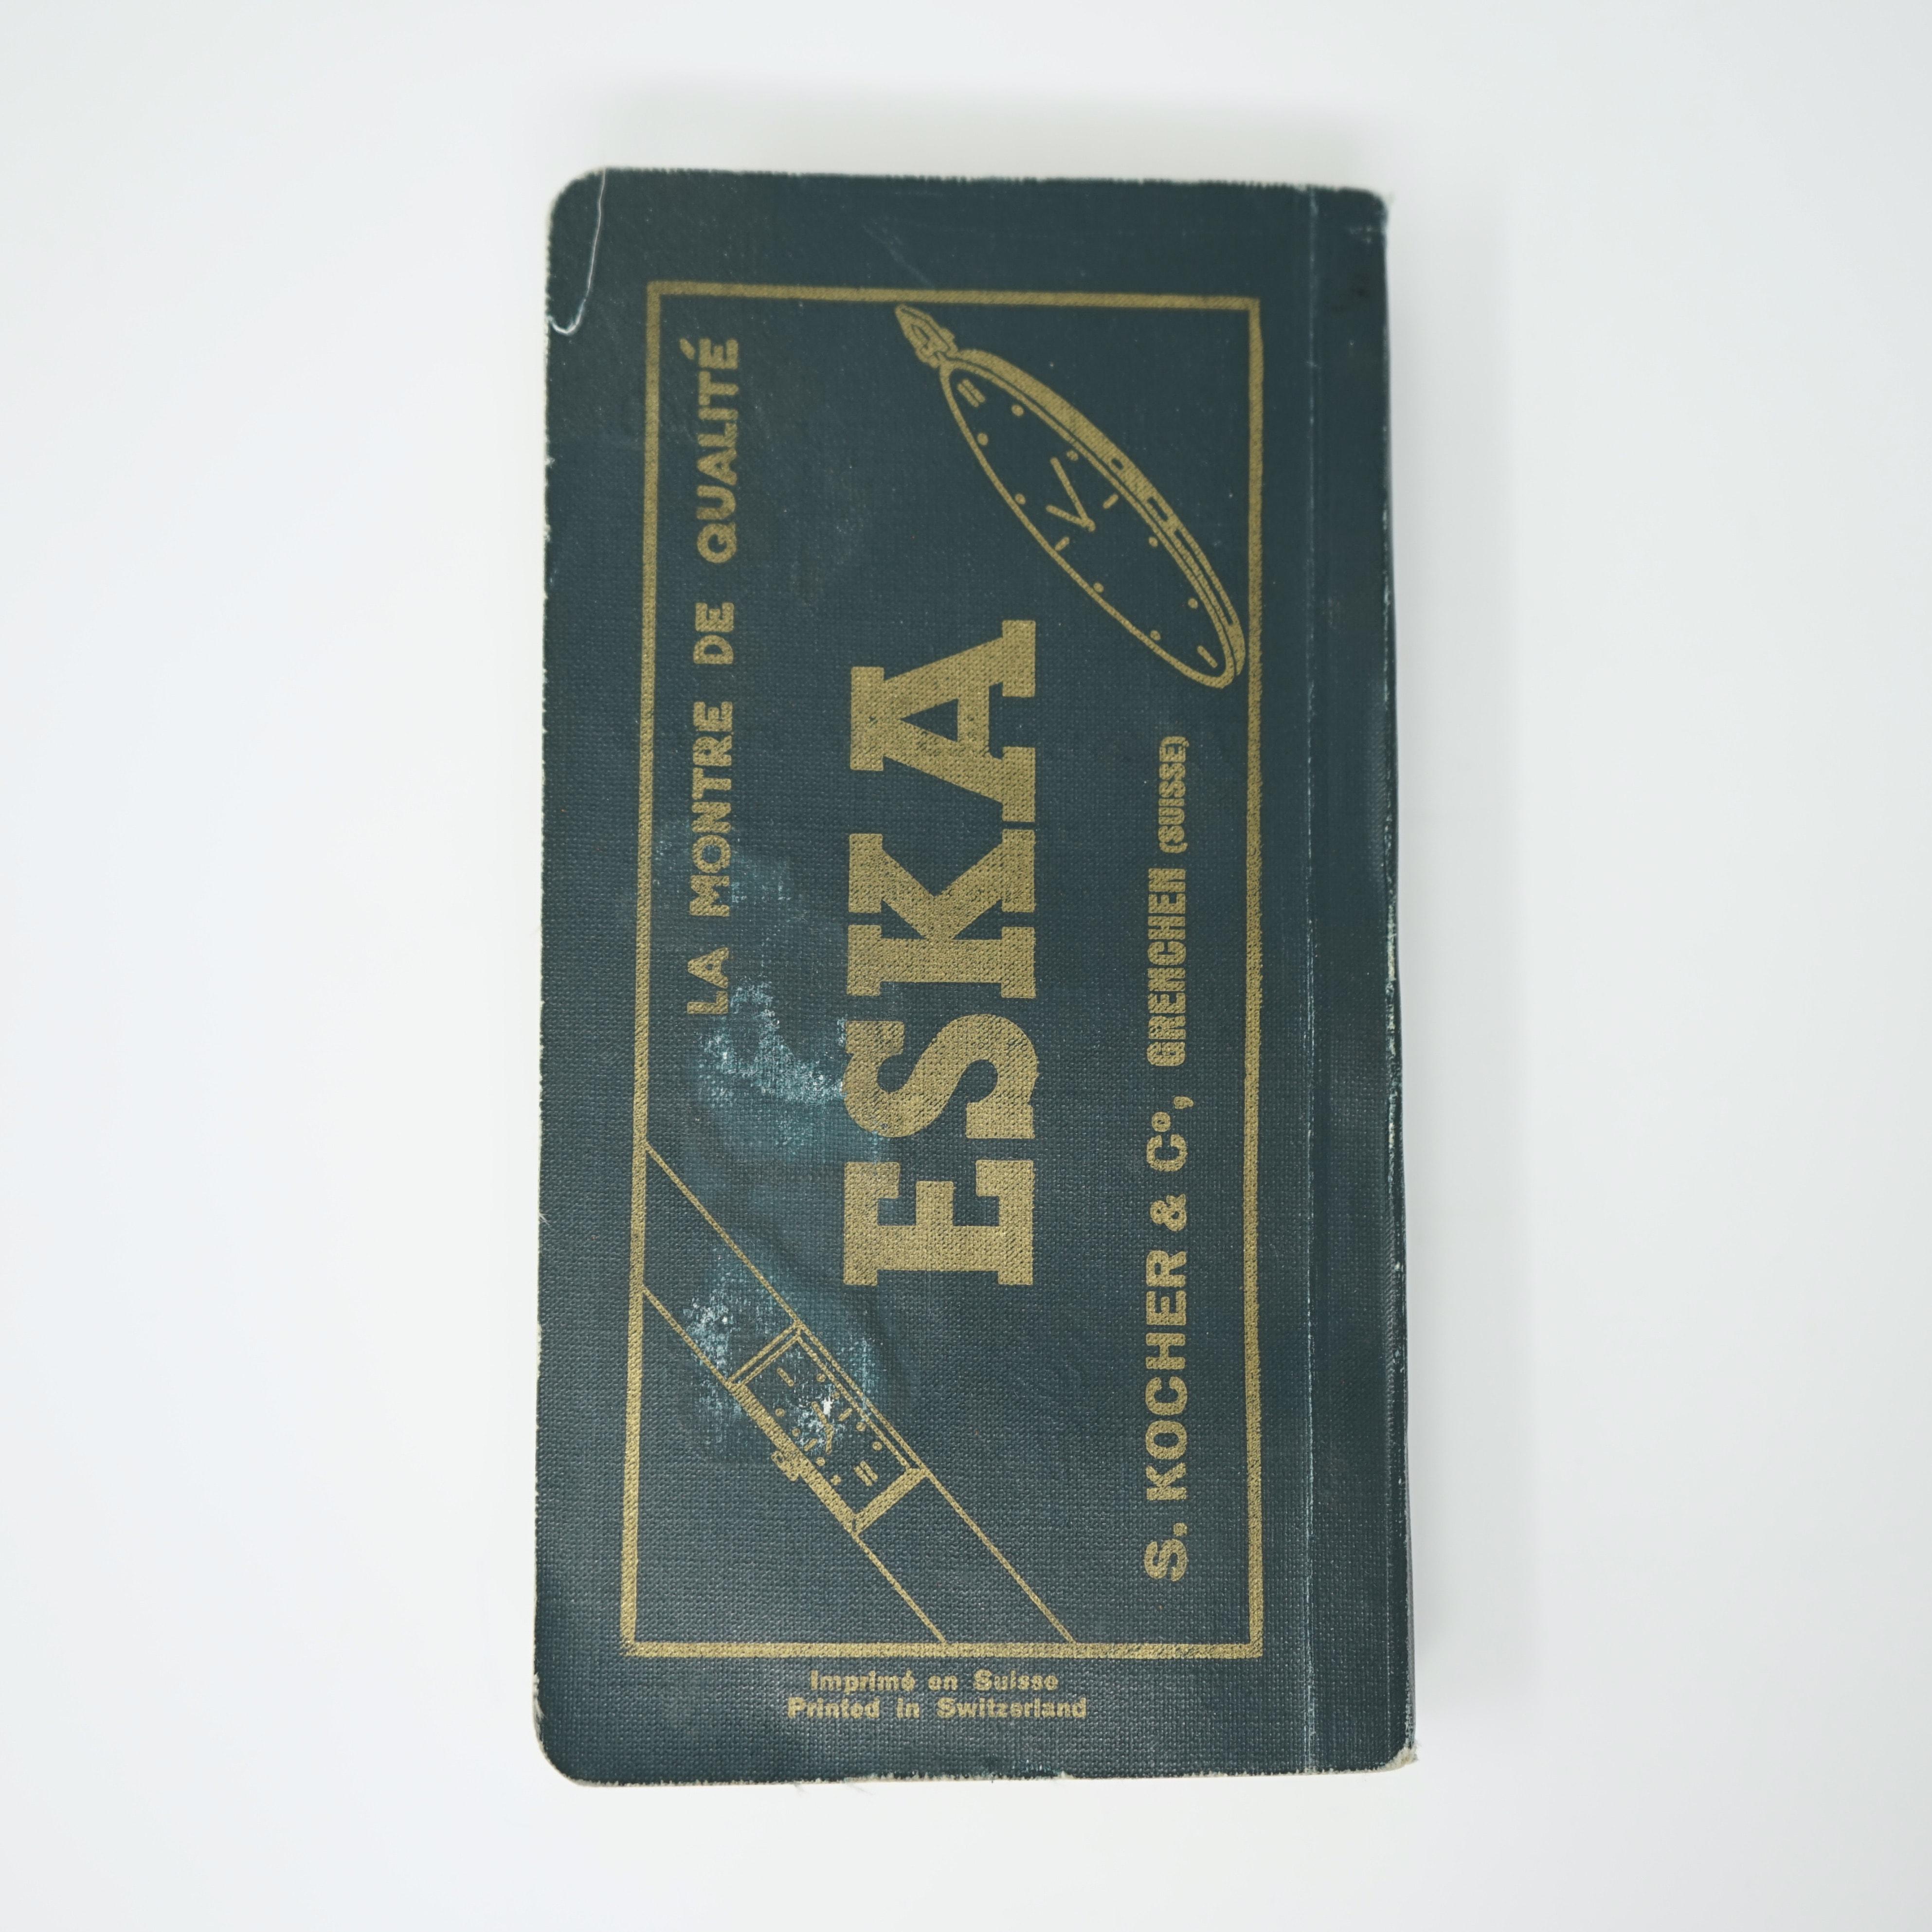 Livre Guide de L'horlogerie Suisse 1940 couverture arrière